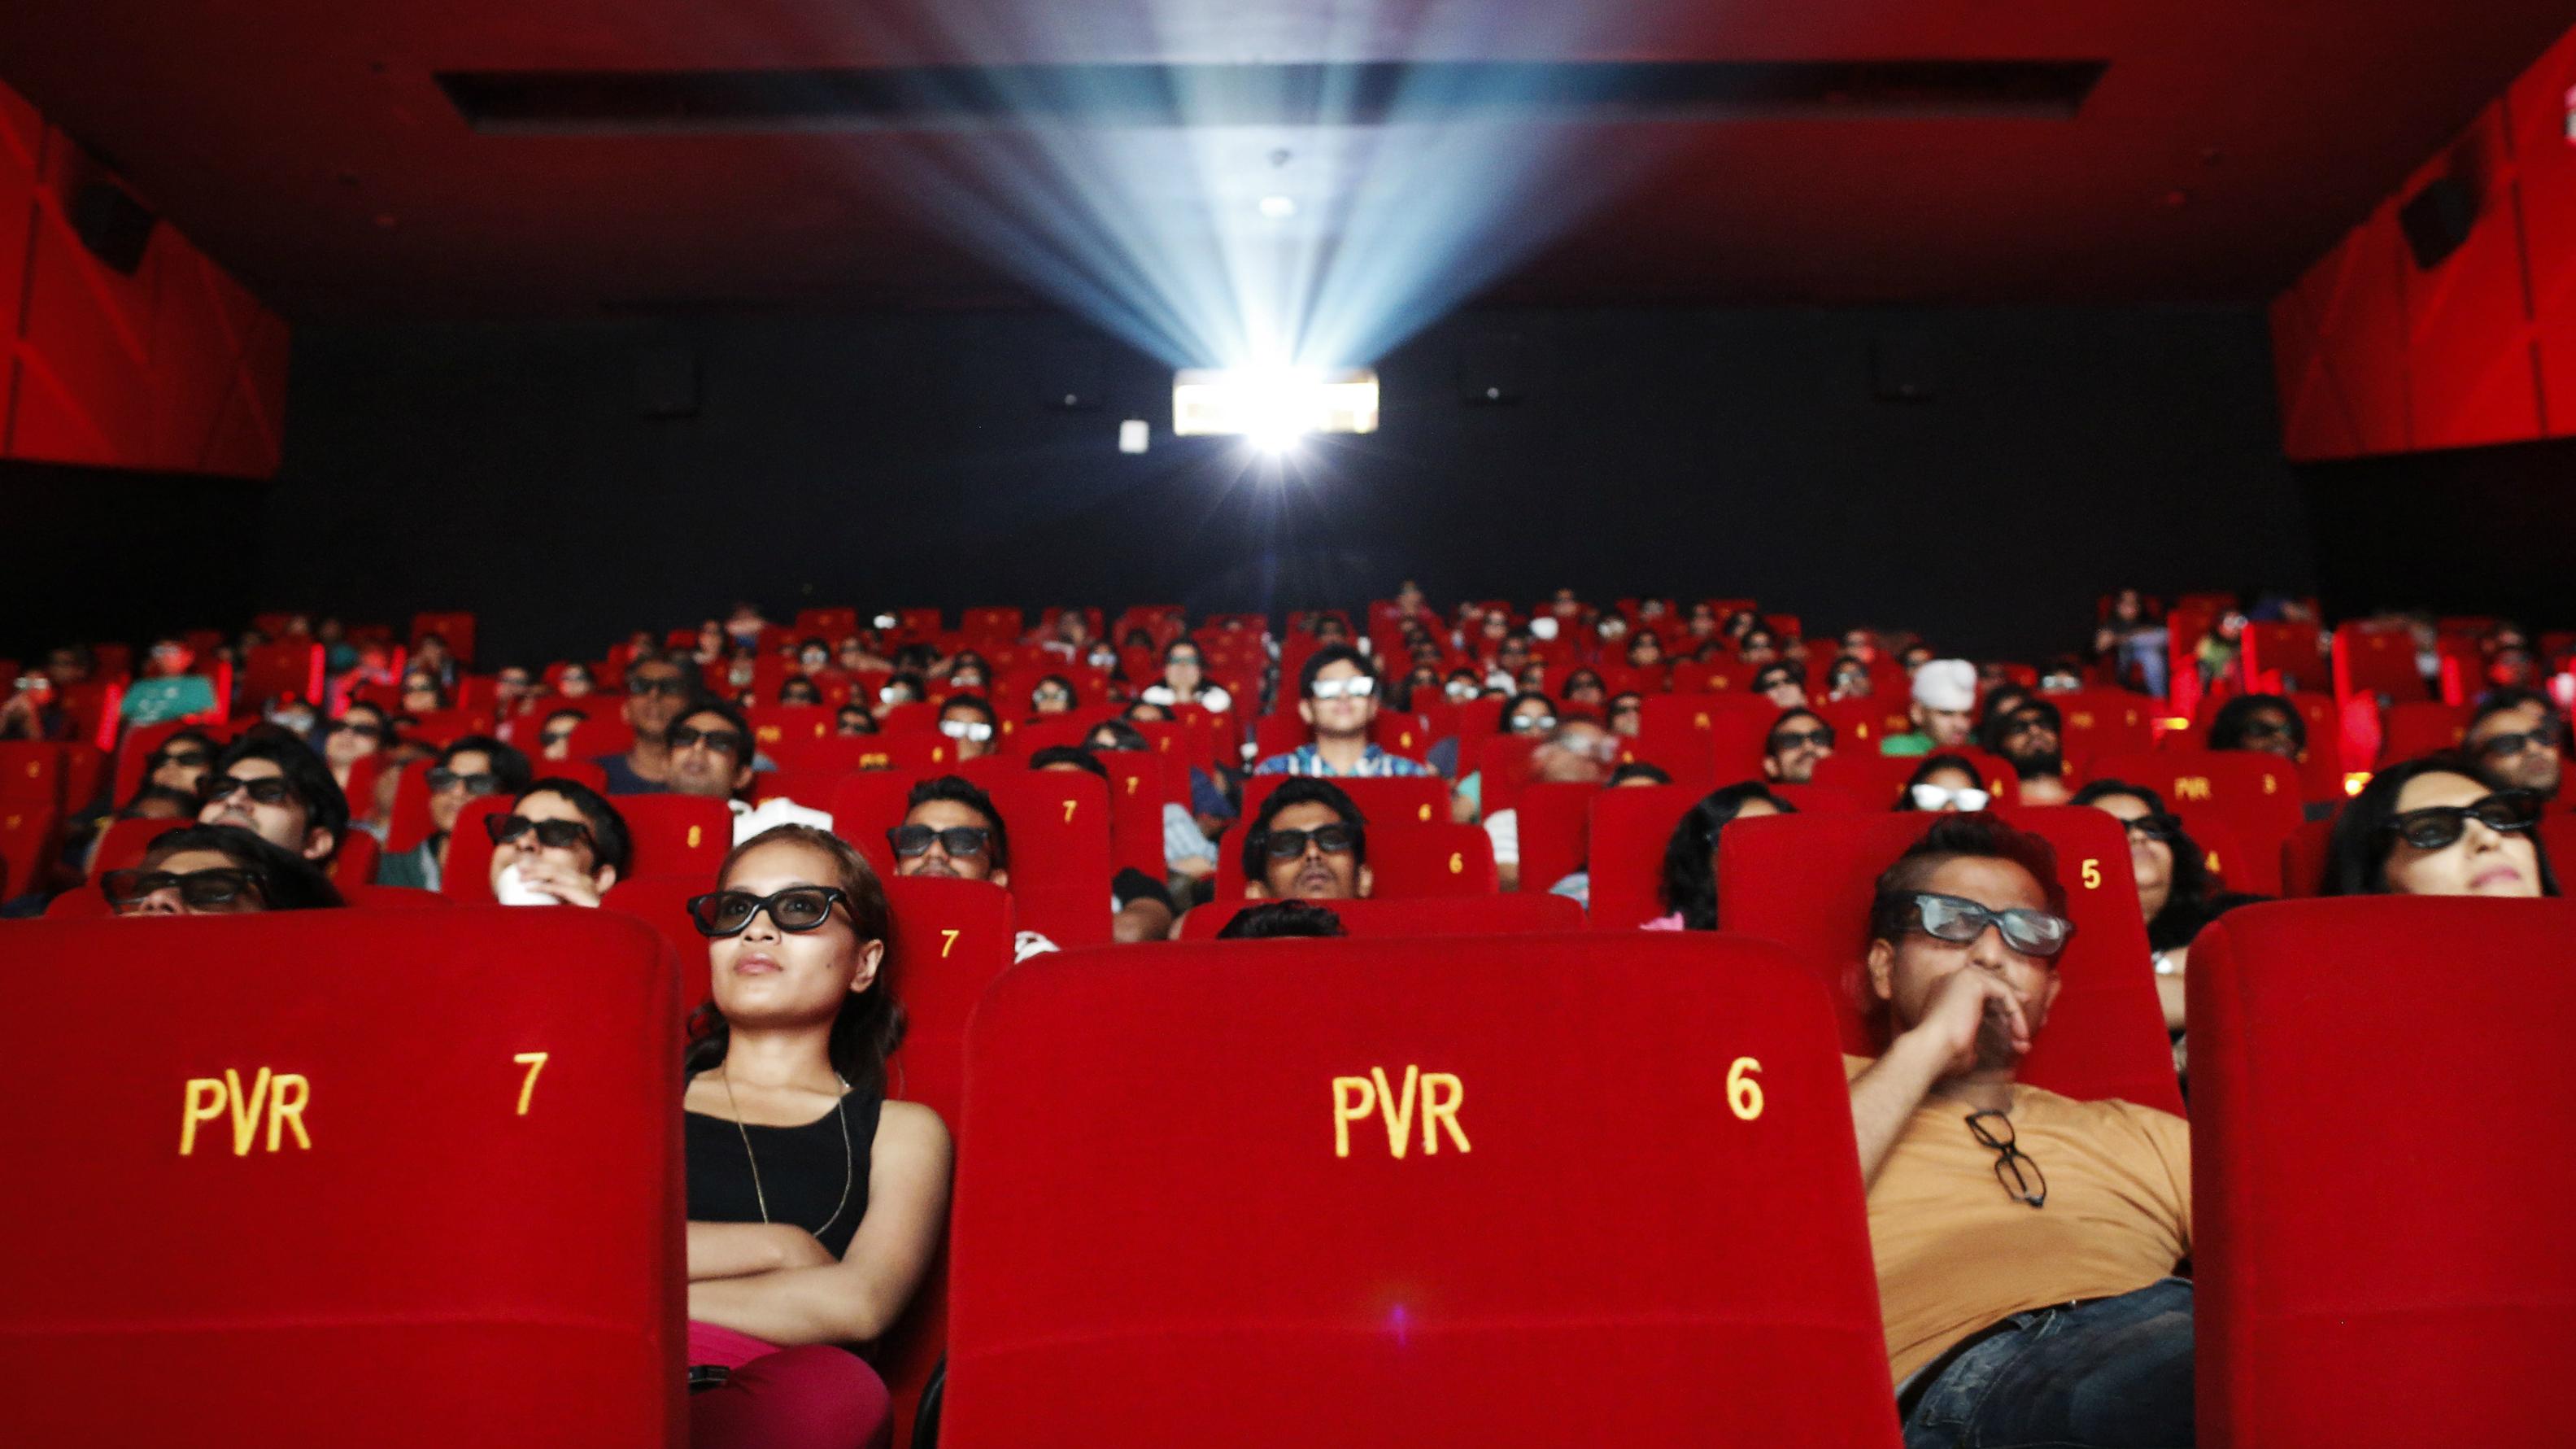 c-cinema2-RTX15KOI-Danish Siddiqui